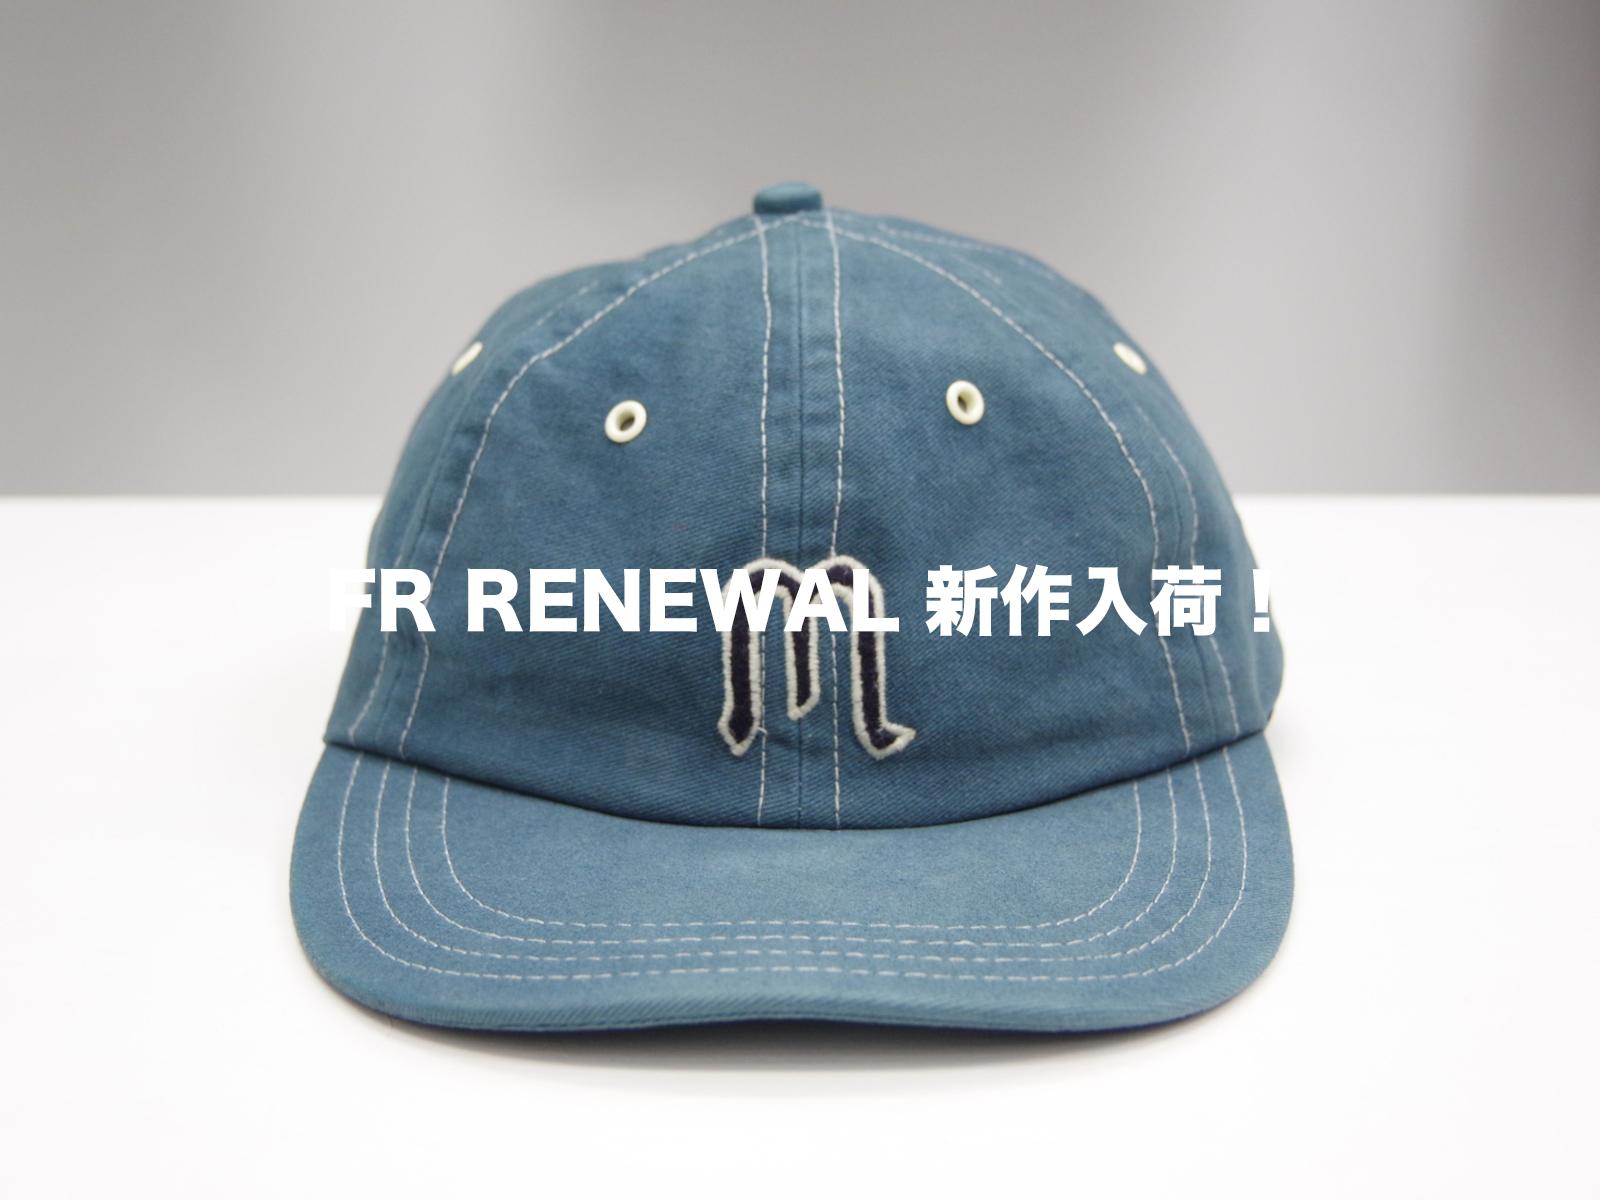 FR RENEWAL 新作入荷!